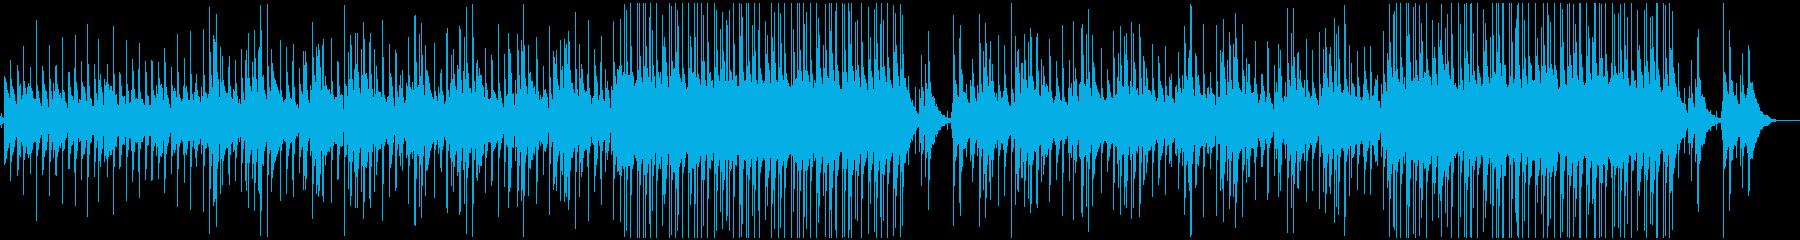 かわいい、ほのぼの、日常の再生済みの波形